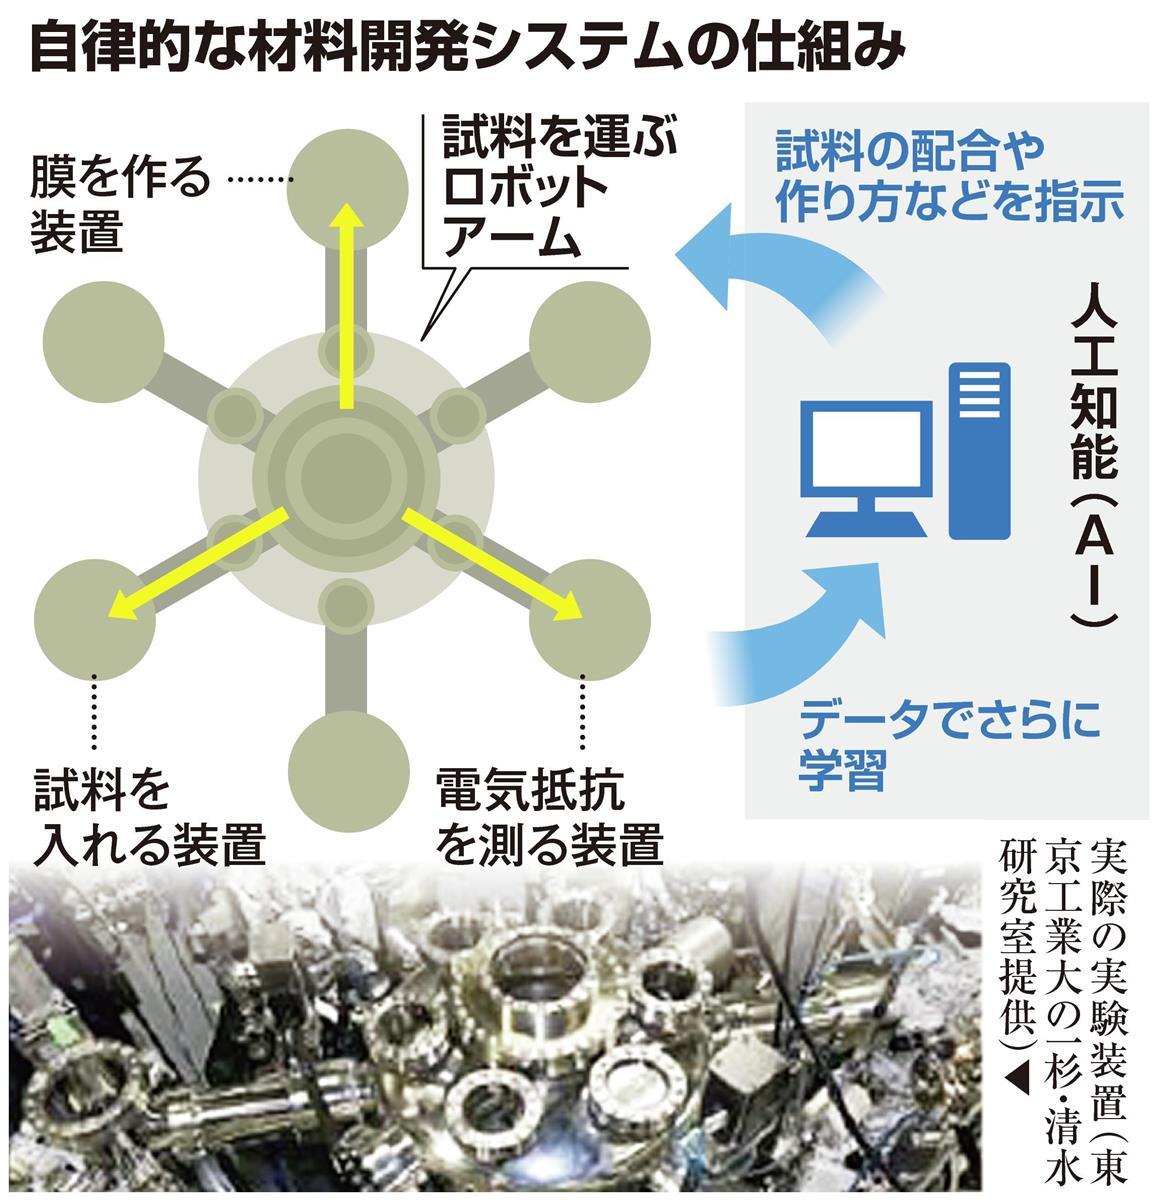 【びっくりサイエンス】AIとロボで材料開発という新潮流 - 産経ニュース